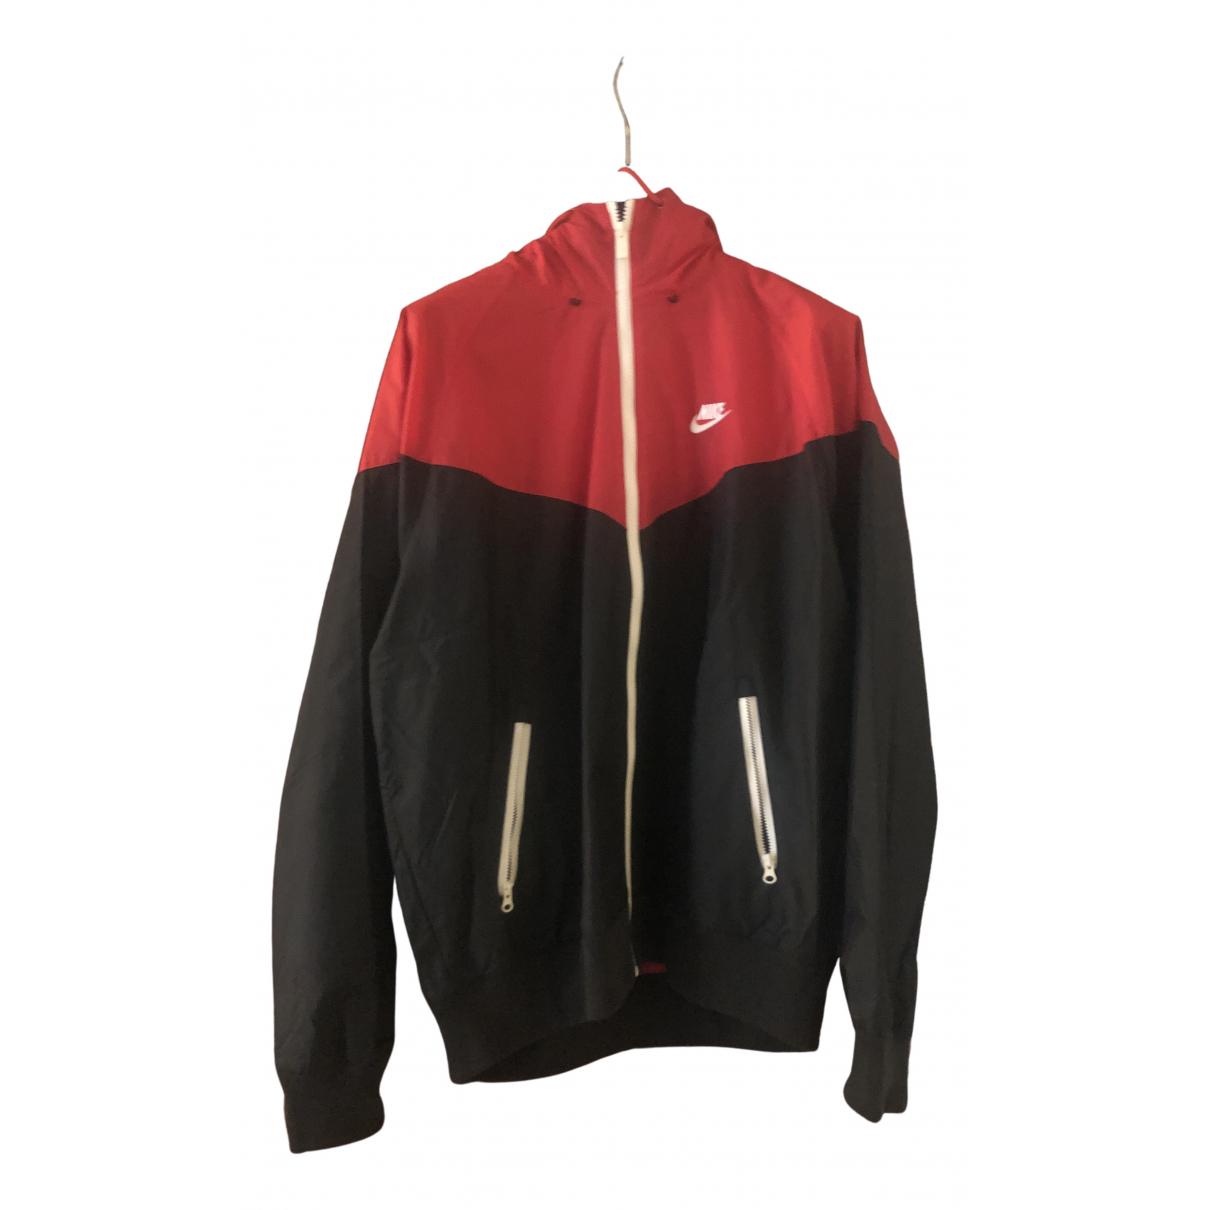 Nike \N Jacke in  Rot Synthetik